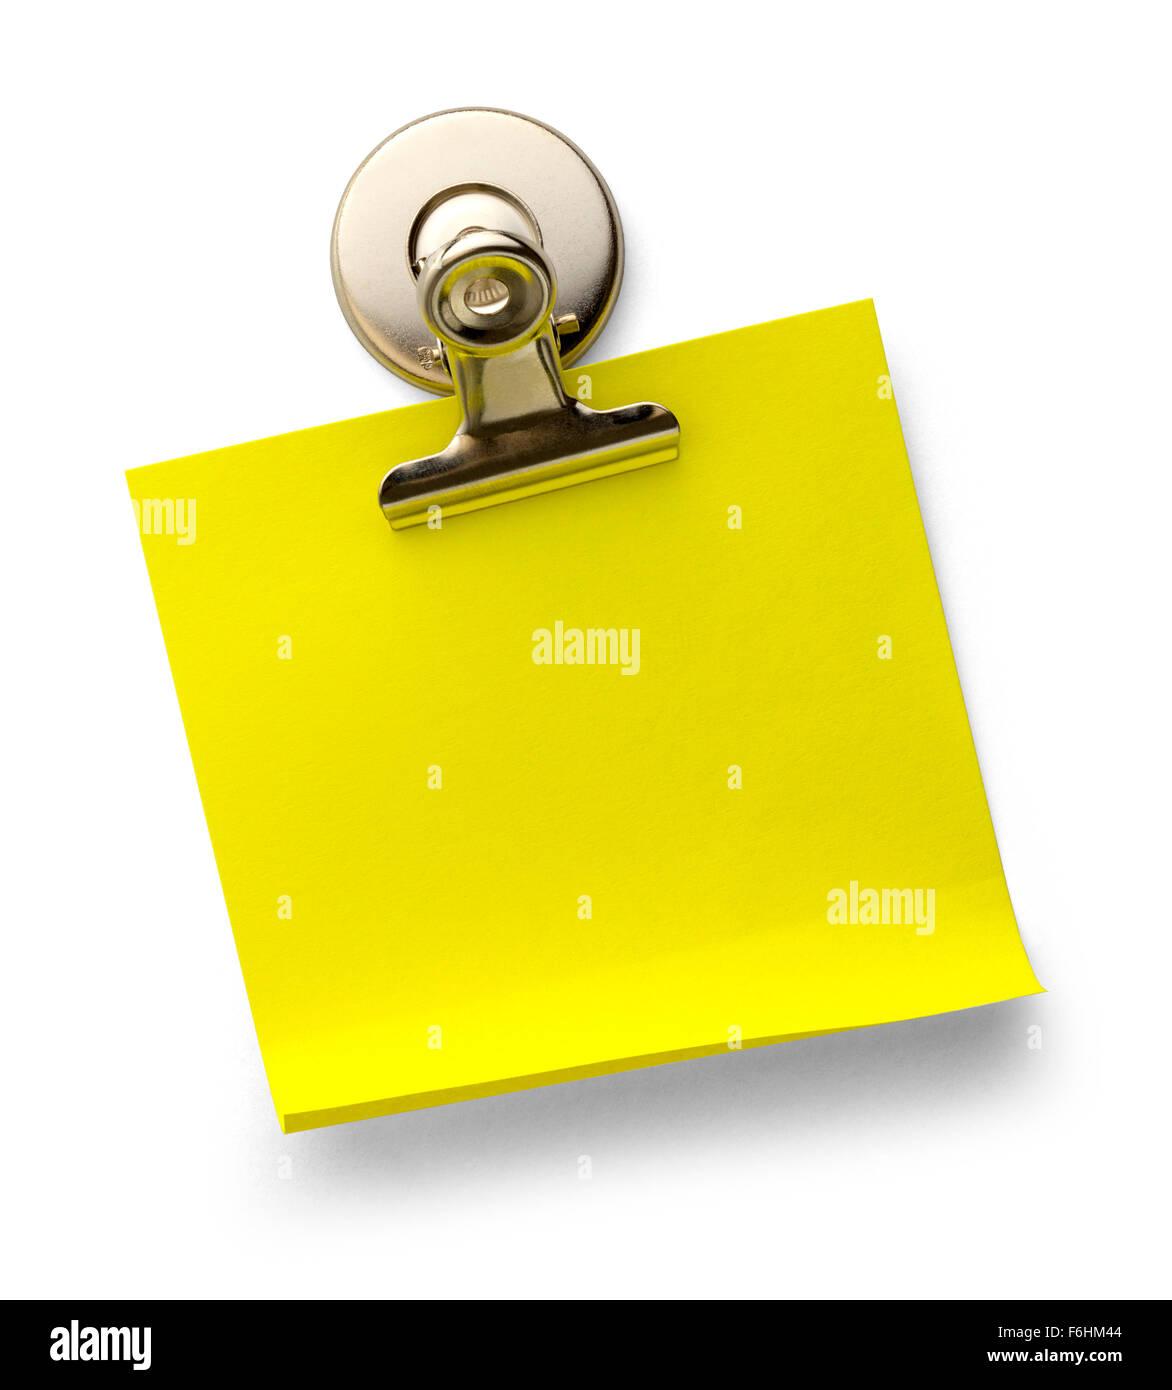 Bigliettino giallo con metallo magnetico Graffetta isolata su uno sfondo bianco. Immagini Stock